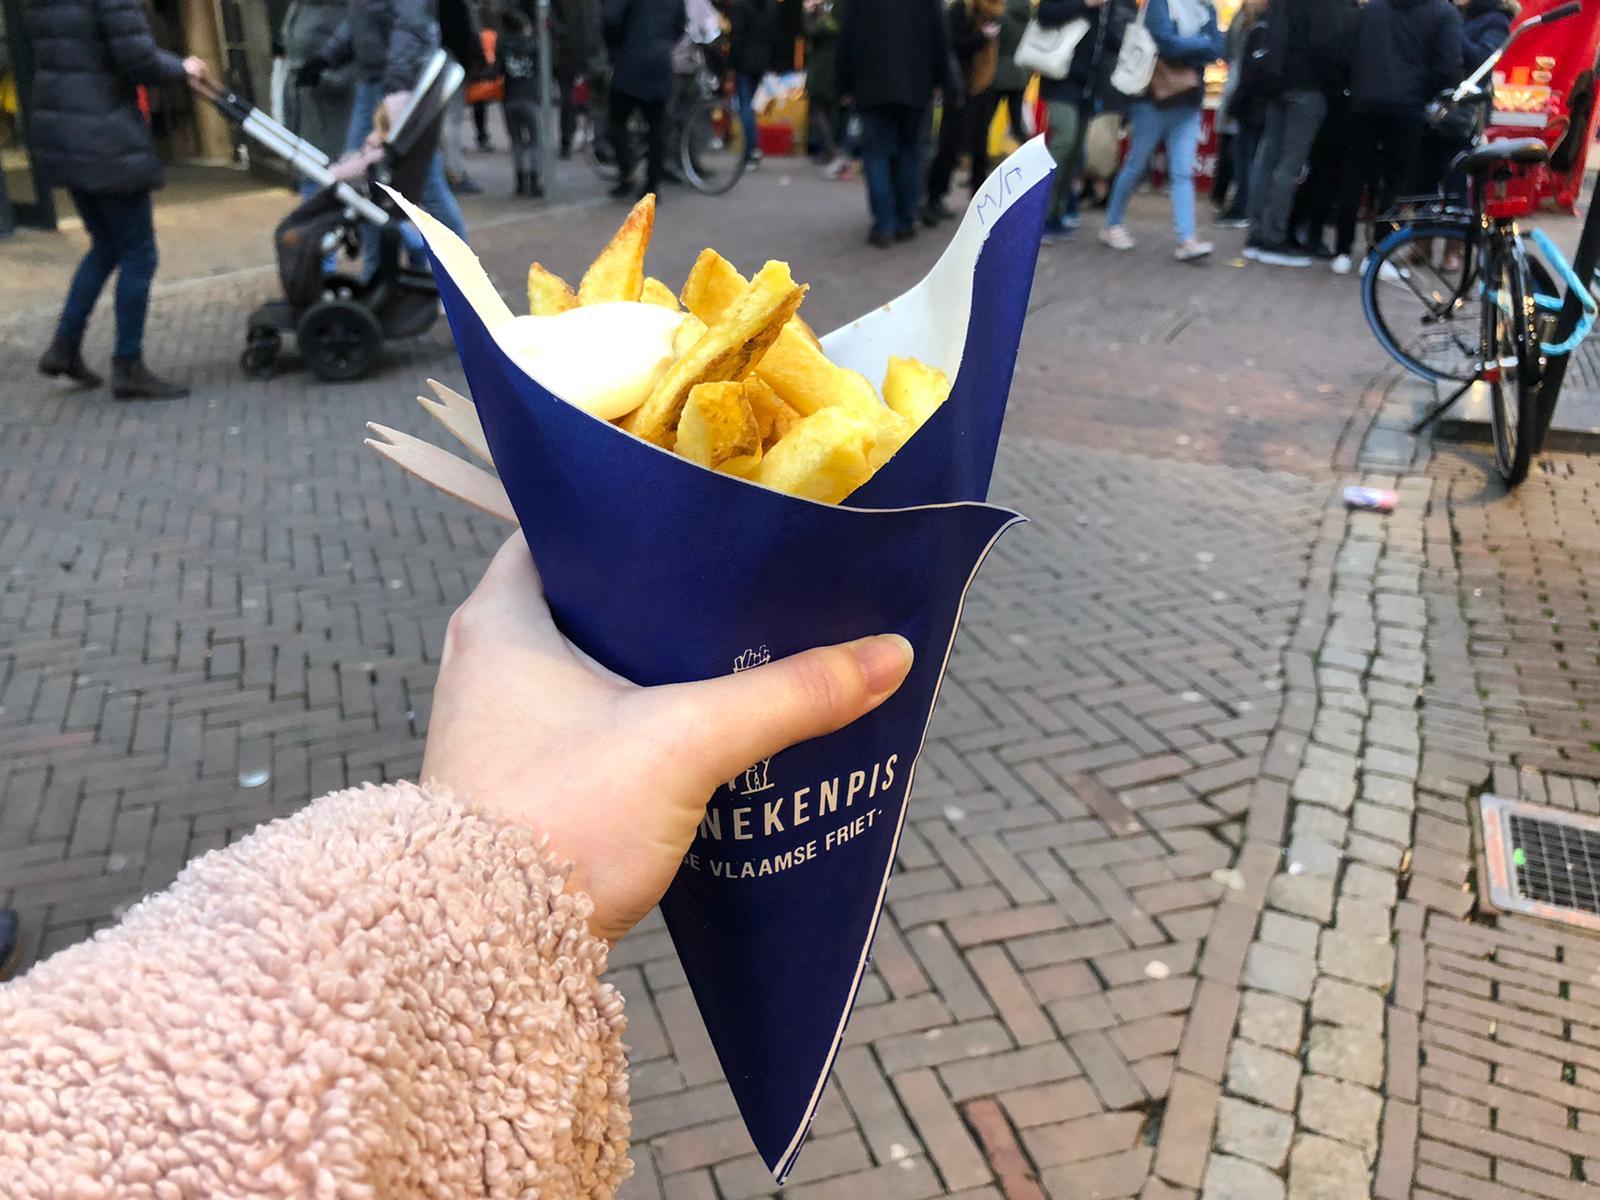 Patat Manneken Pis Utrecht